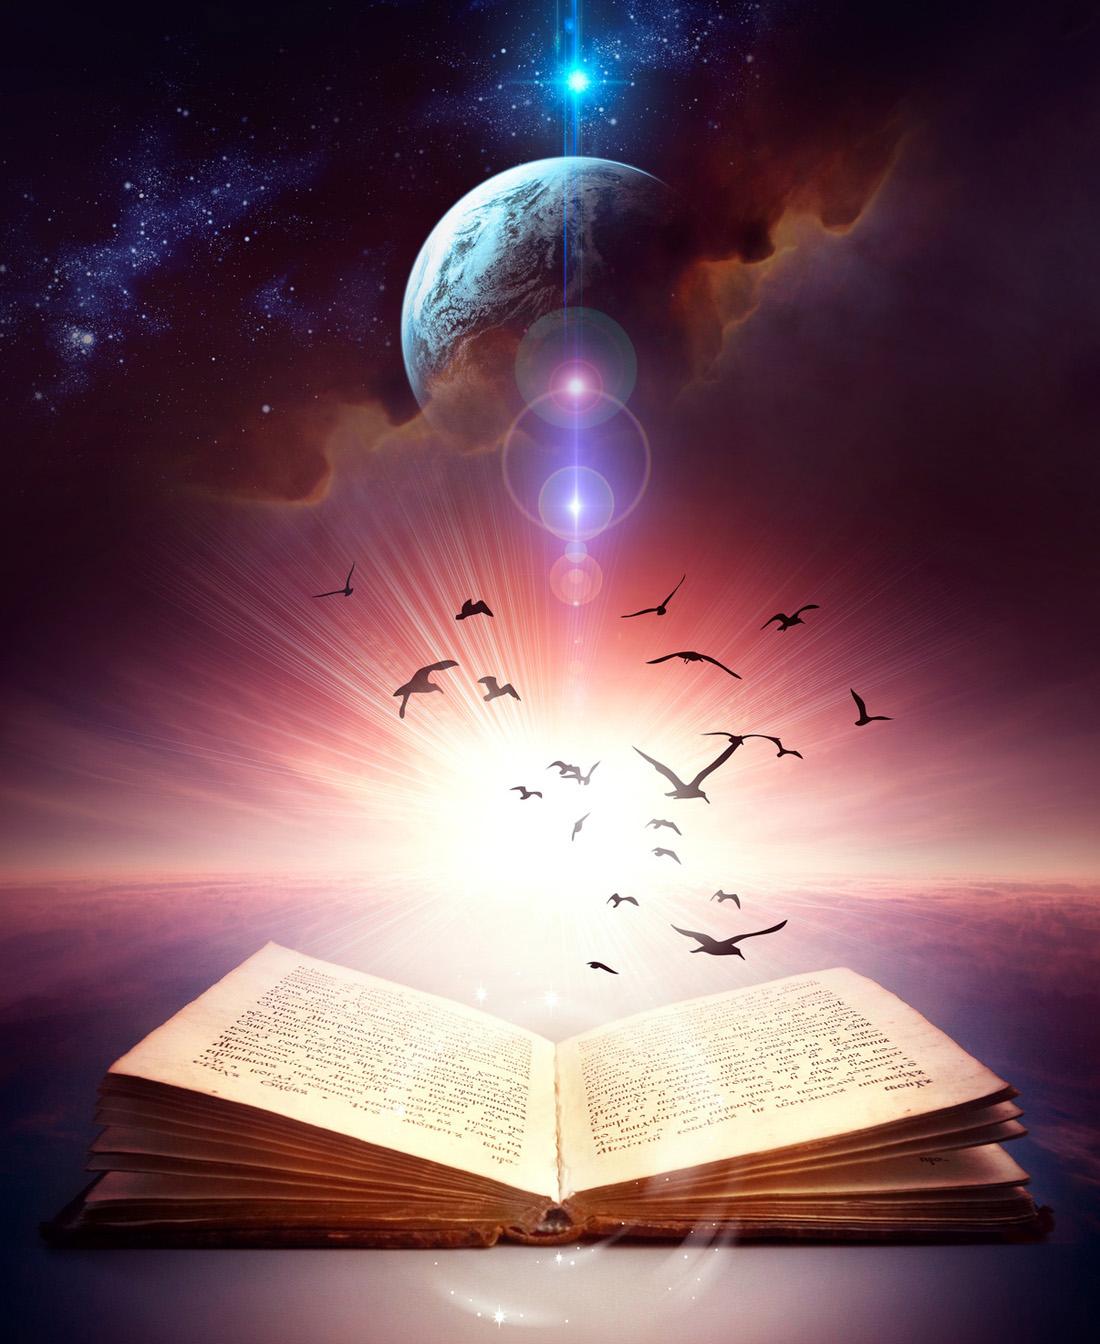 Che rapporto c'è tra divinazione e cartomanzia?